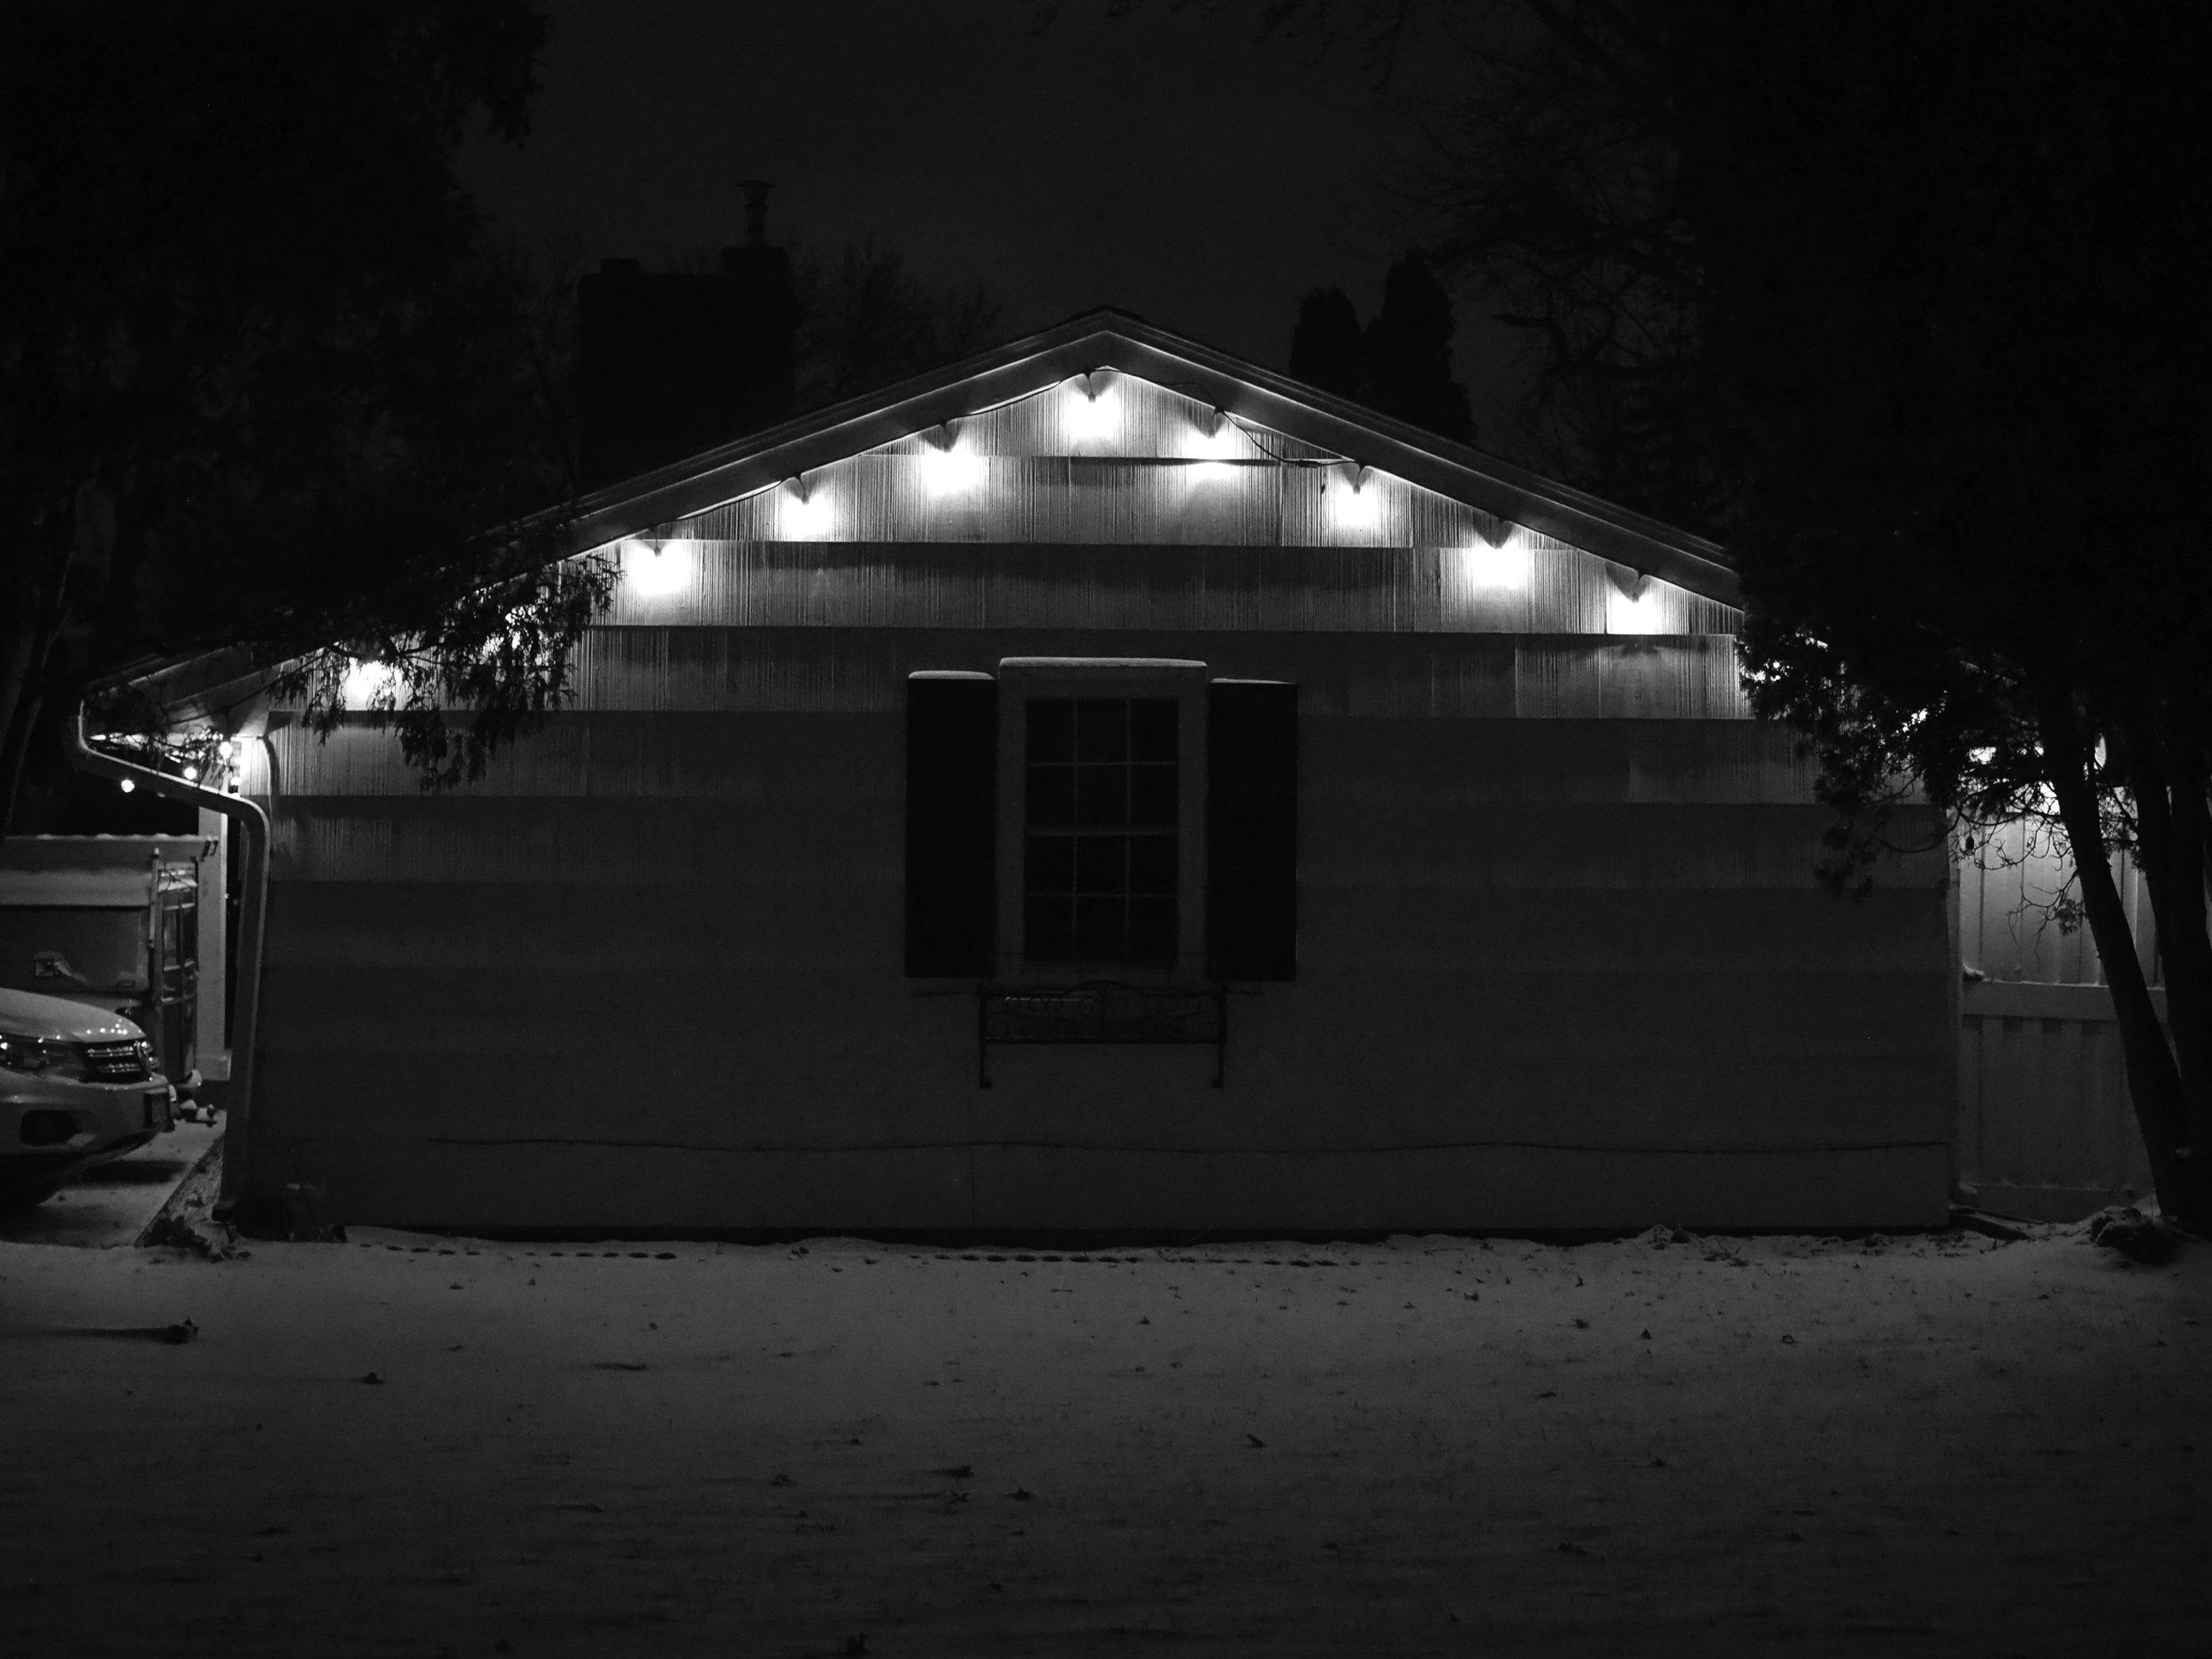 Holiday Lights. December 2017.